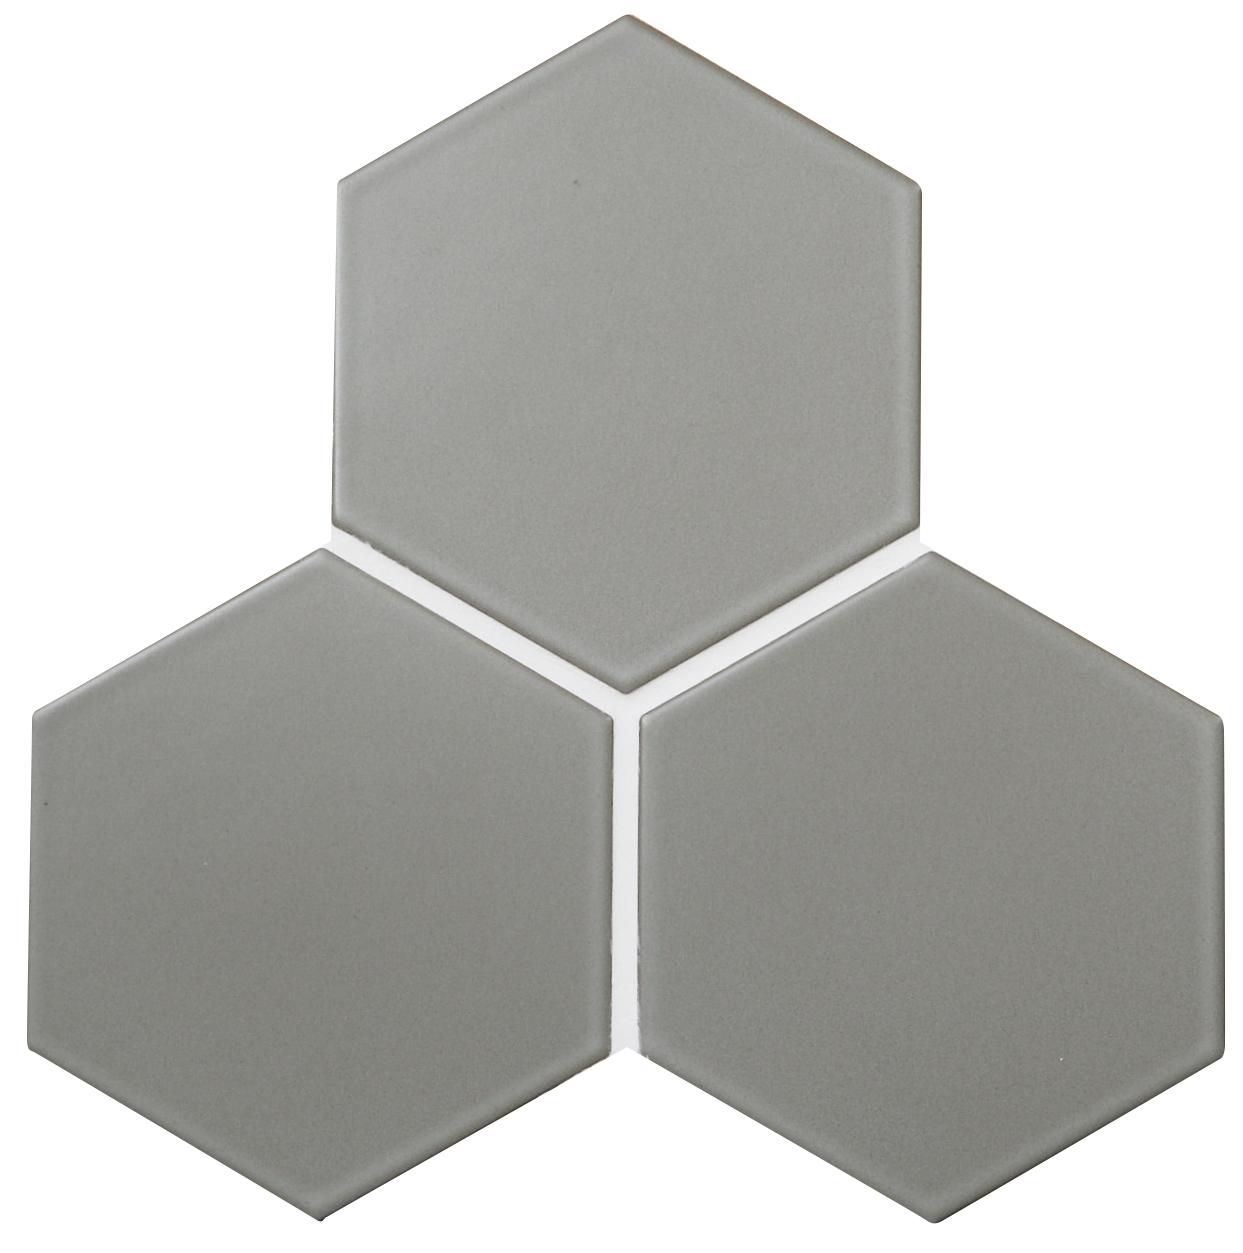 retro 5 hexagon cepac tile